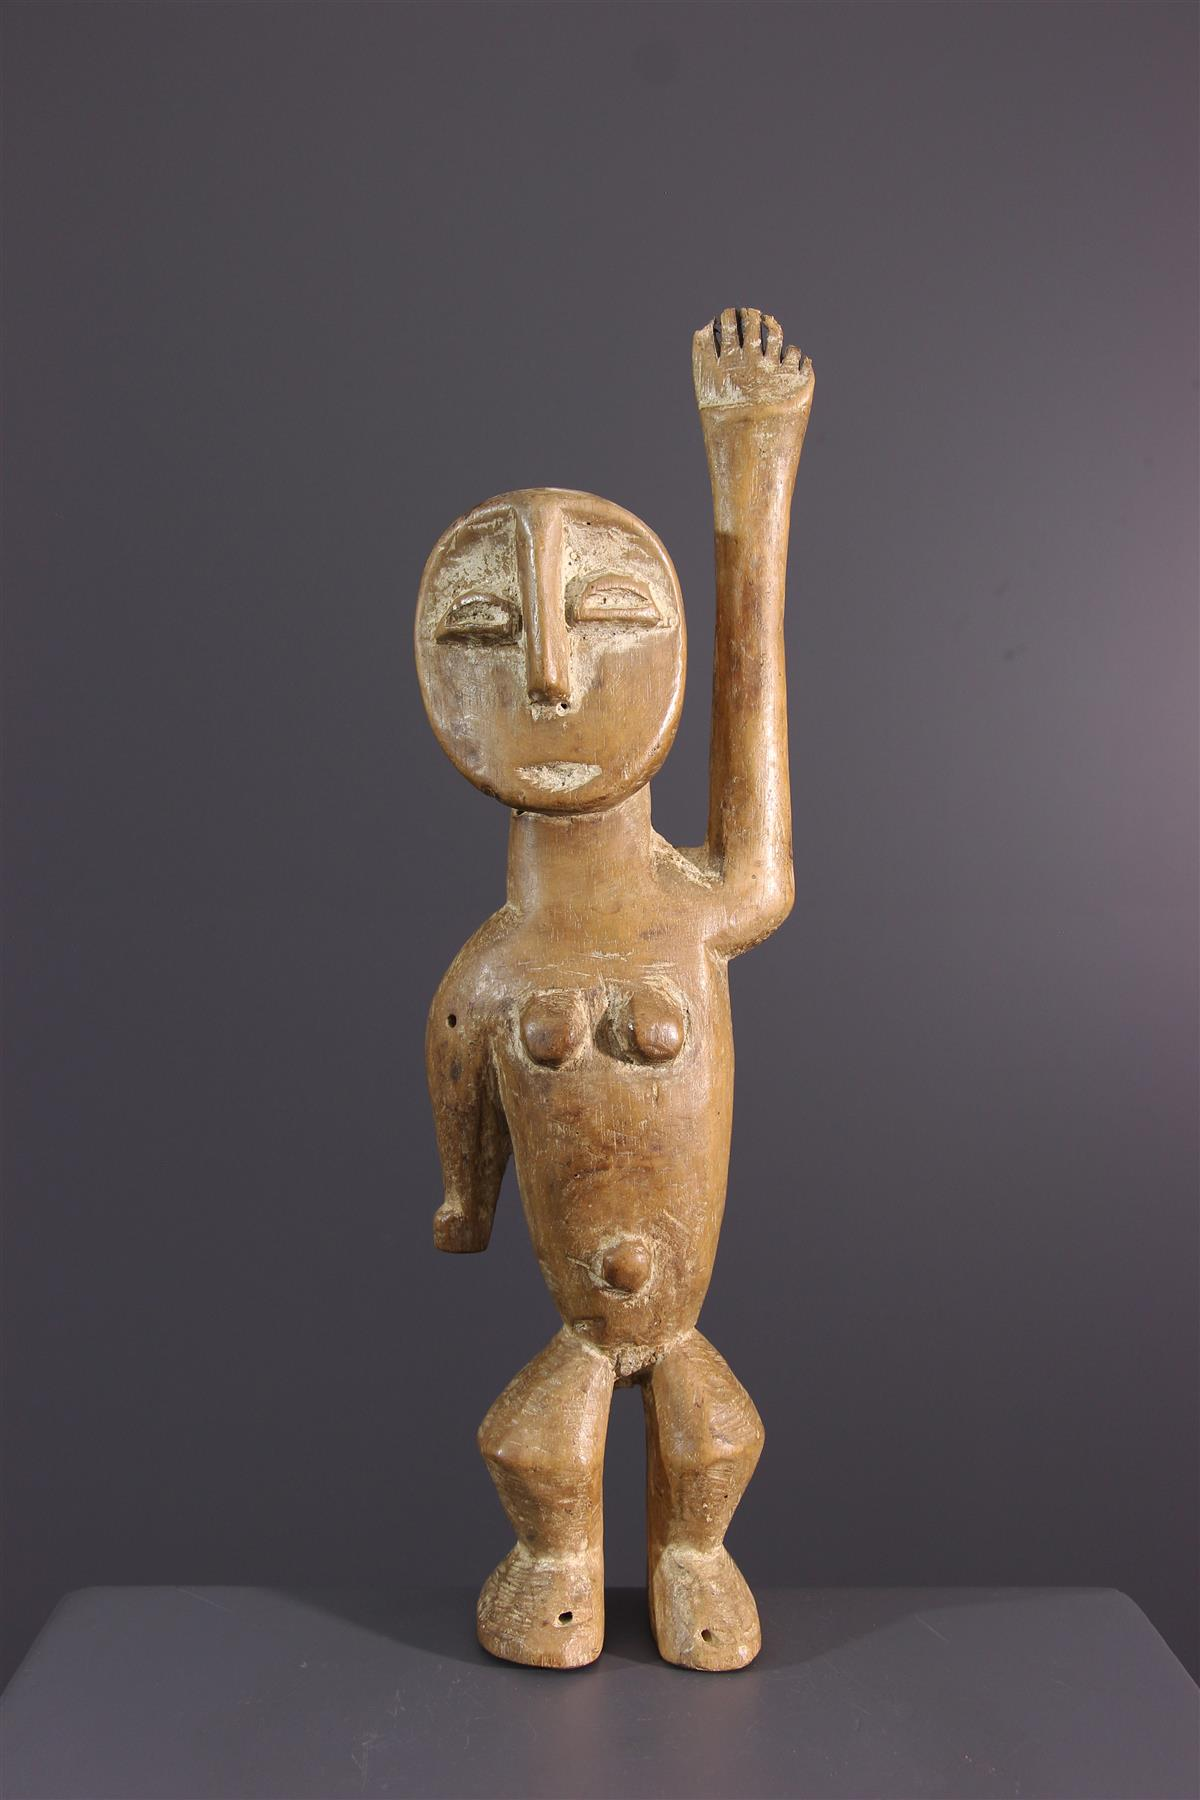 De beeldjes van de liga - Afrikaanse kunst